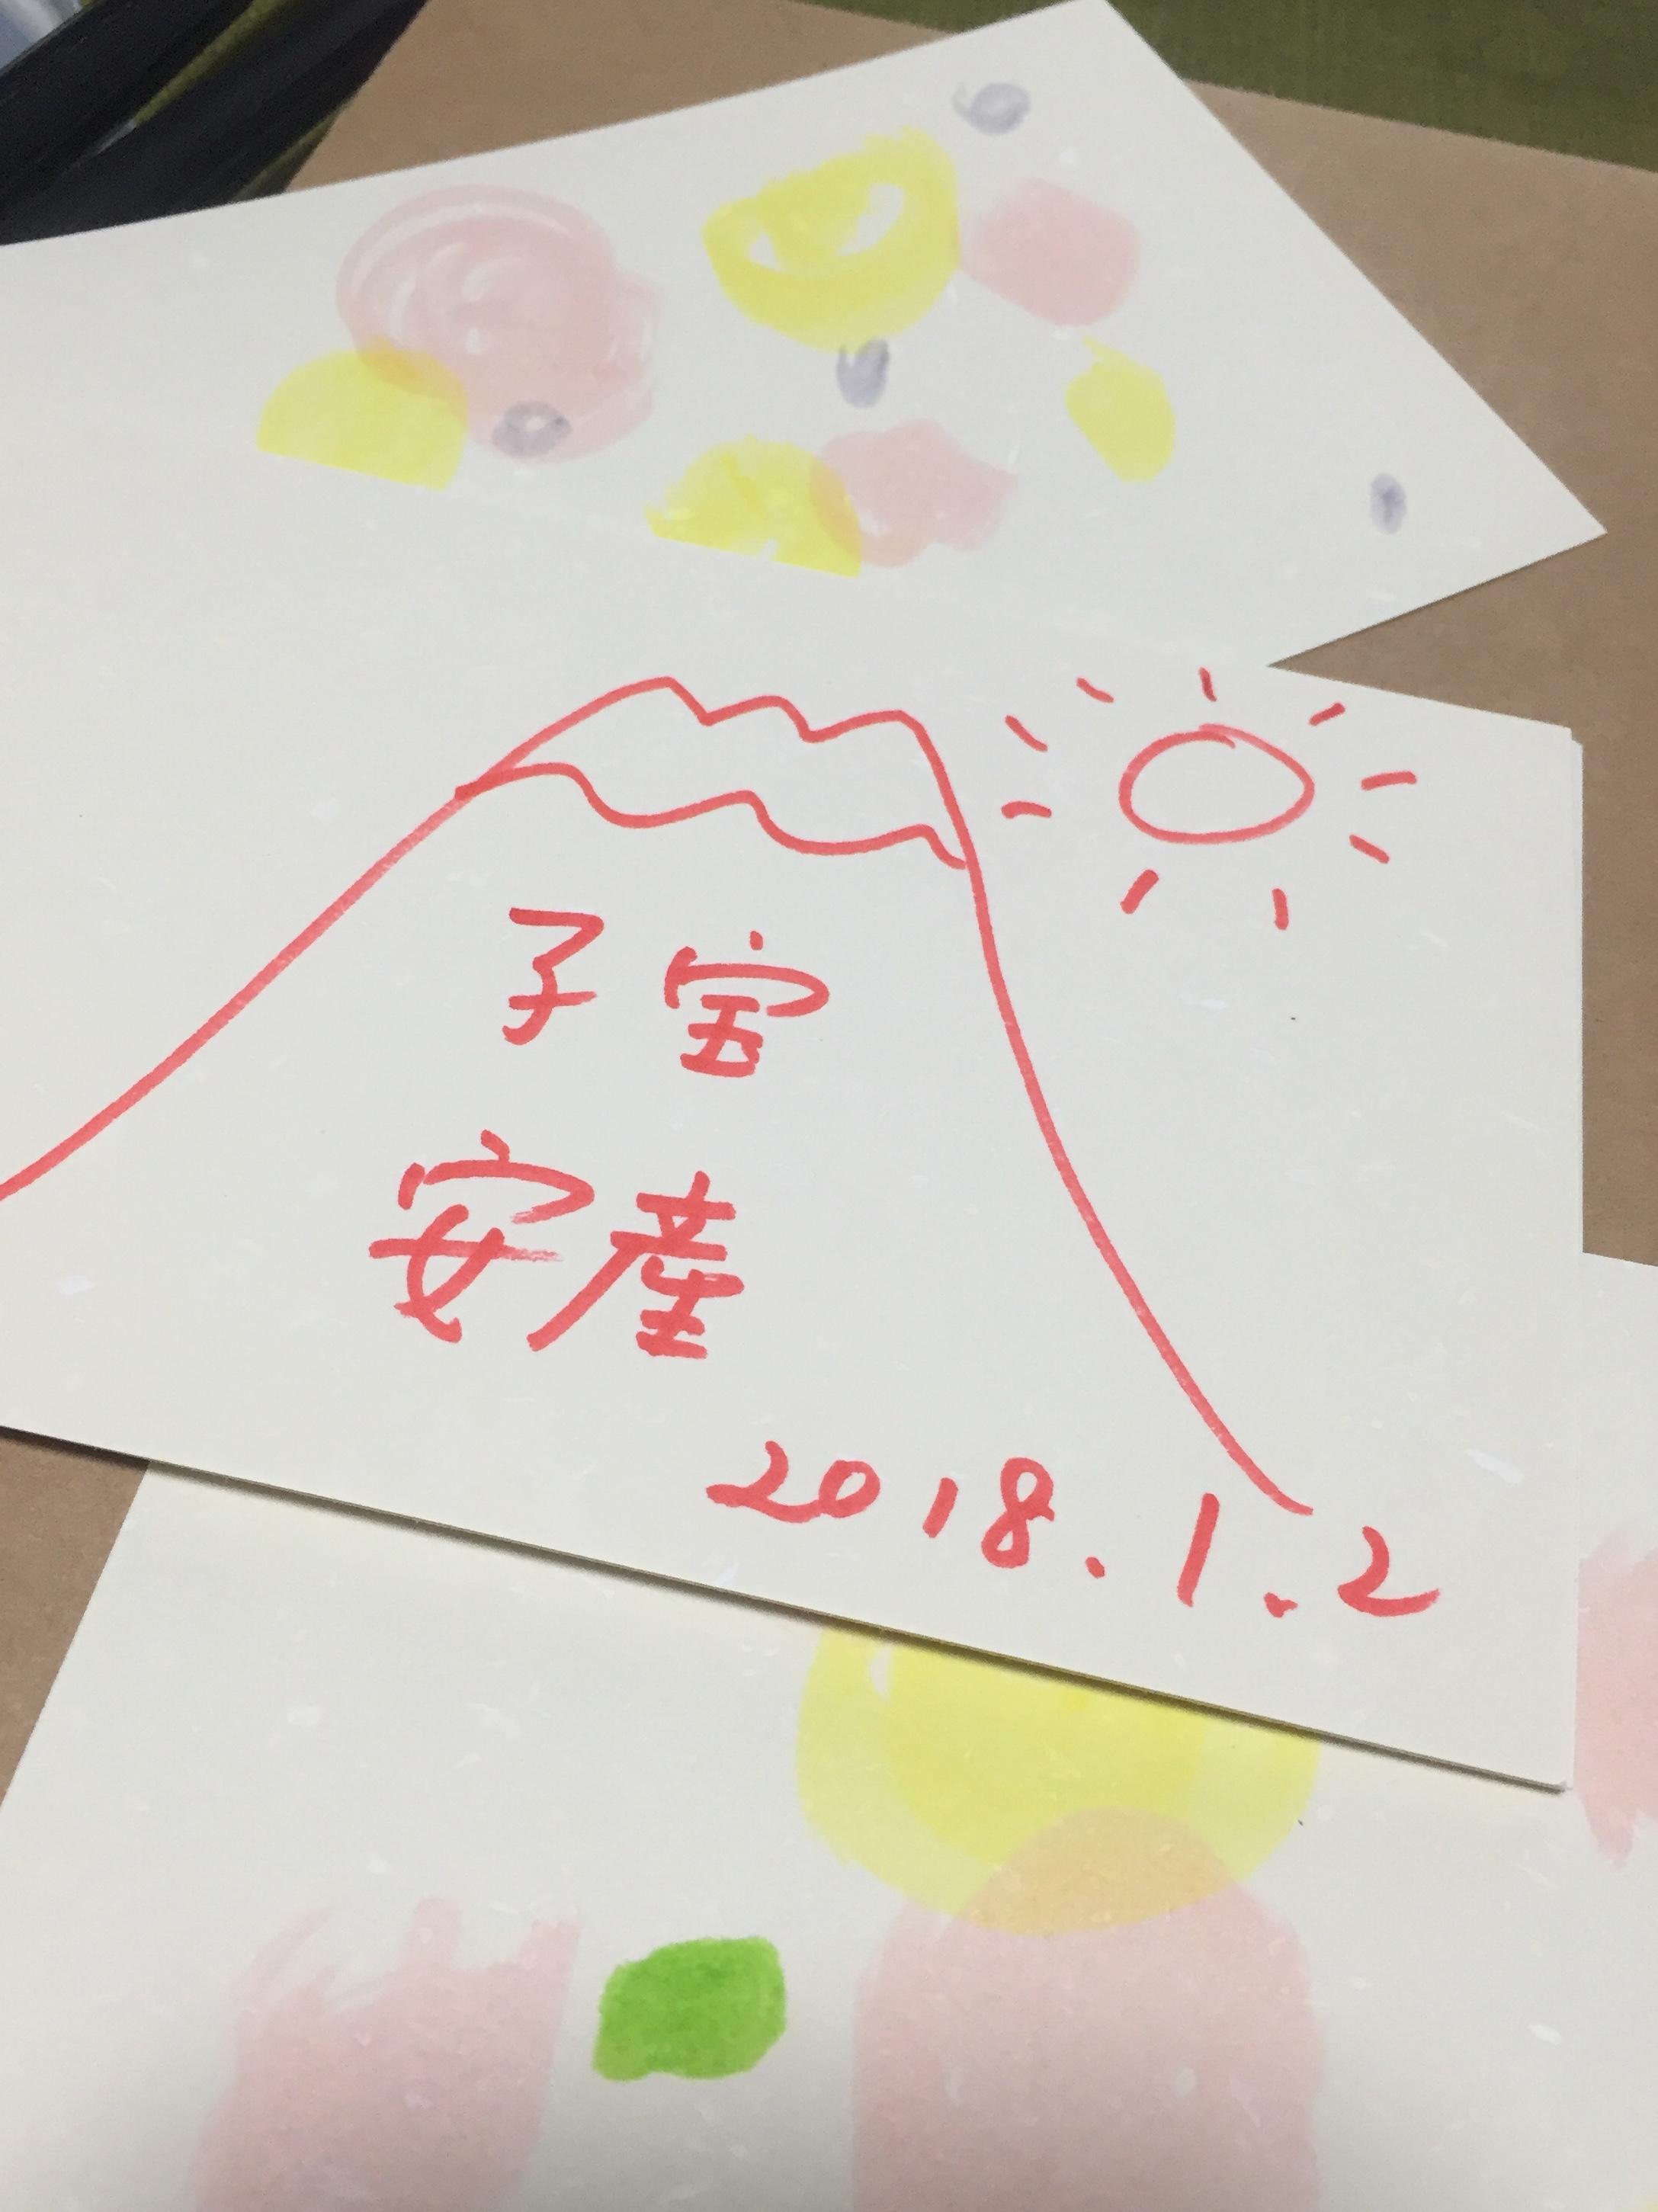 贈る喜び。-陣痛タイムが短すぎて少ないけど赤富士描きました。